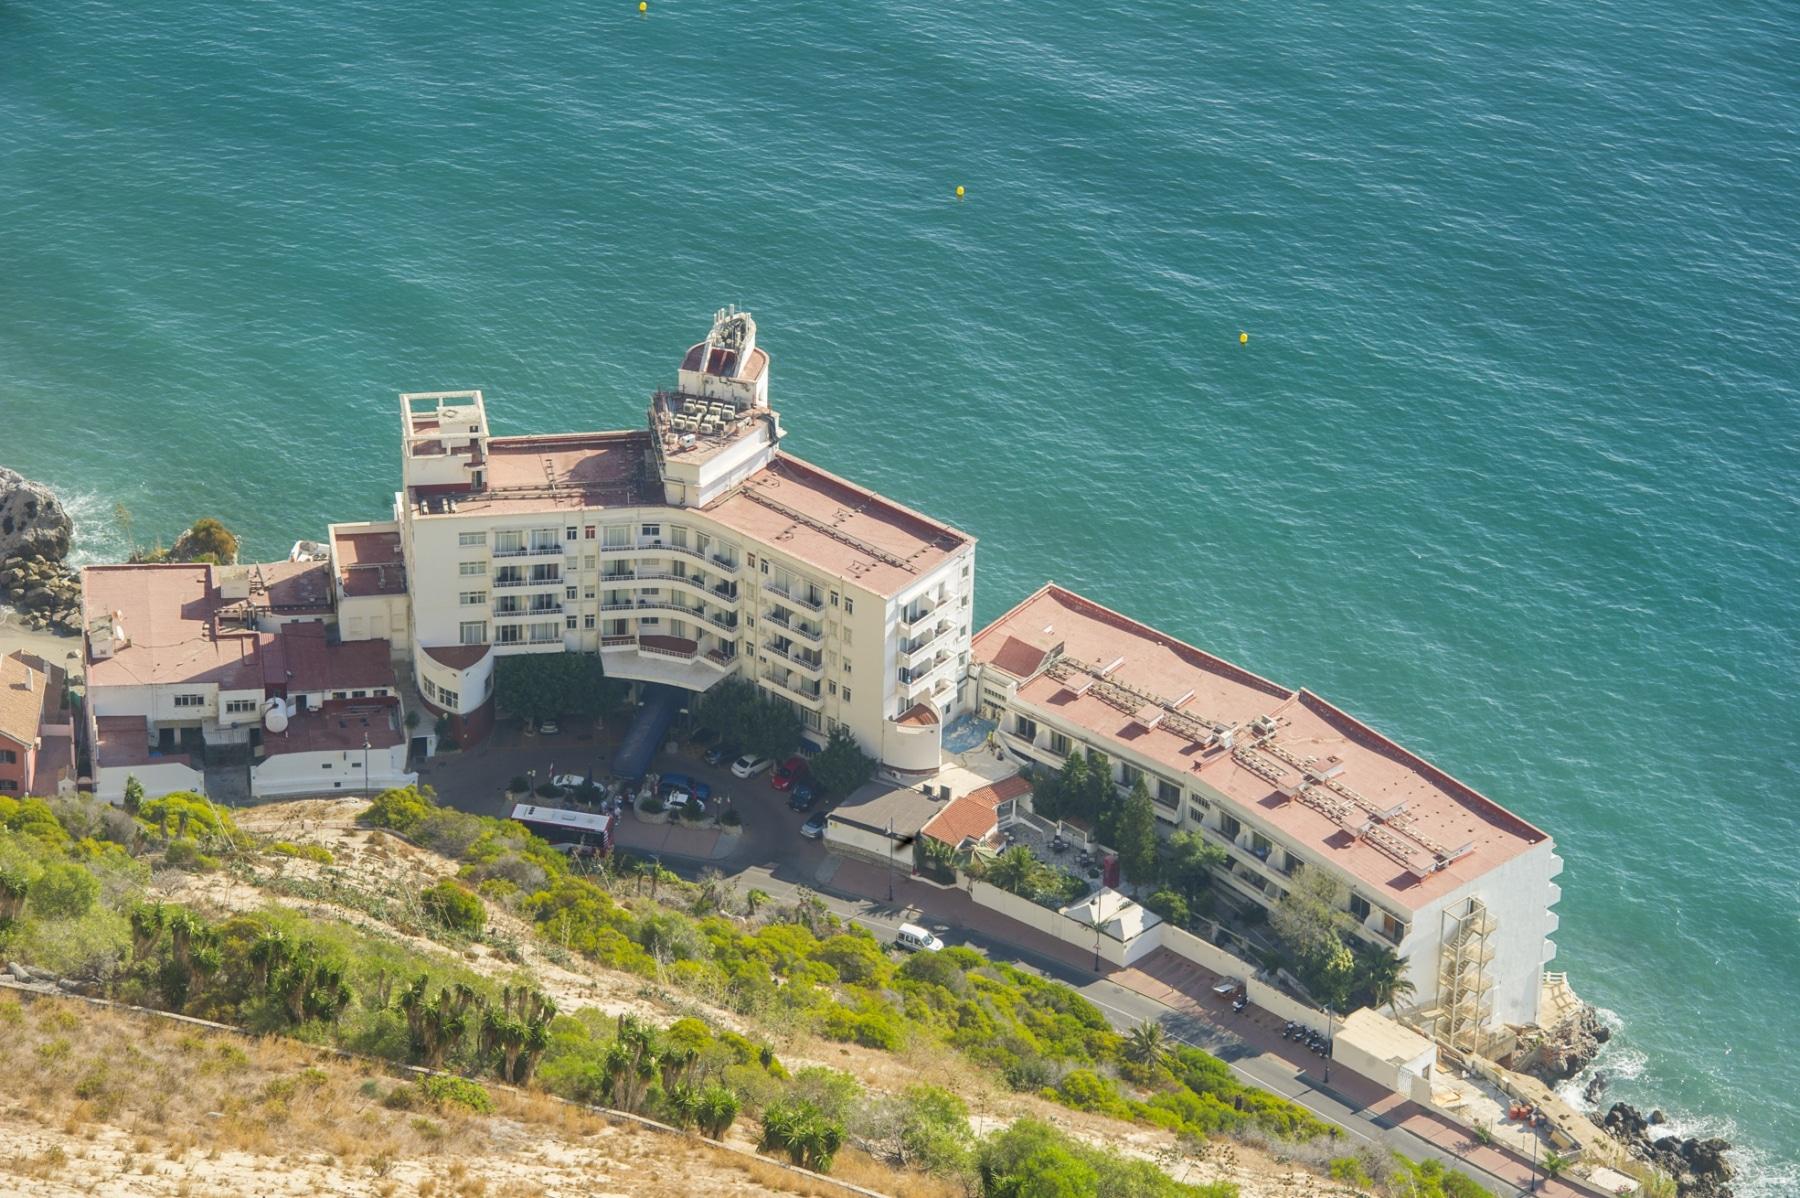 el-histrico-hotel-la-caleta-de-gibraltar_22551346970_o